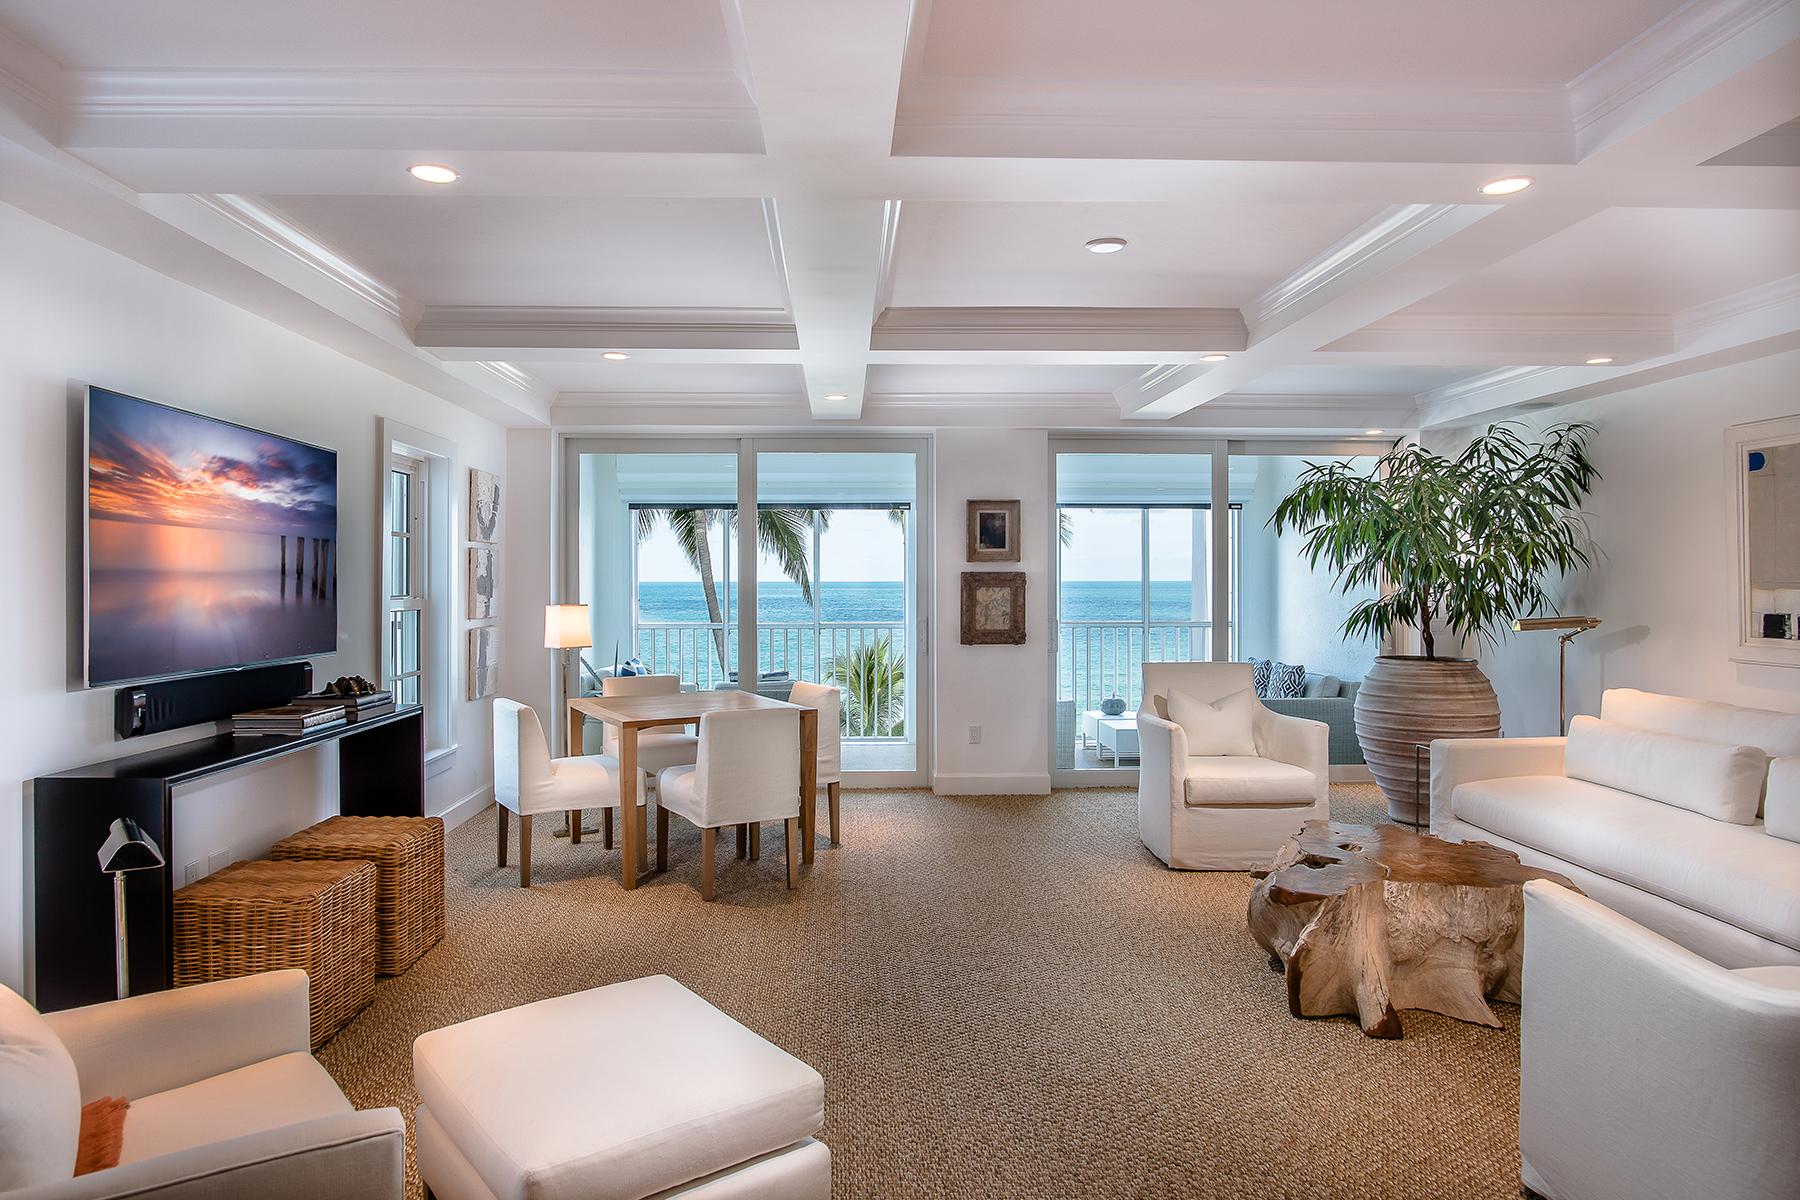 Condomínio para Venda às THE MOORINGS - THE WALDORF 3377 Gulf Shore Blvd N 3B Naples, Florida 34103 Estados Unidos